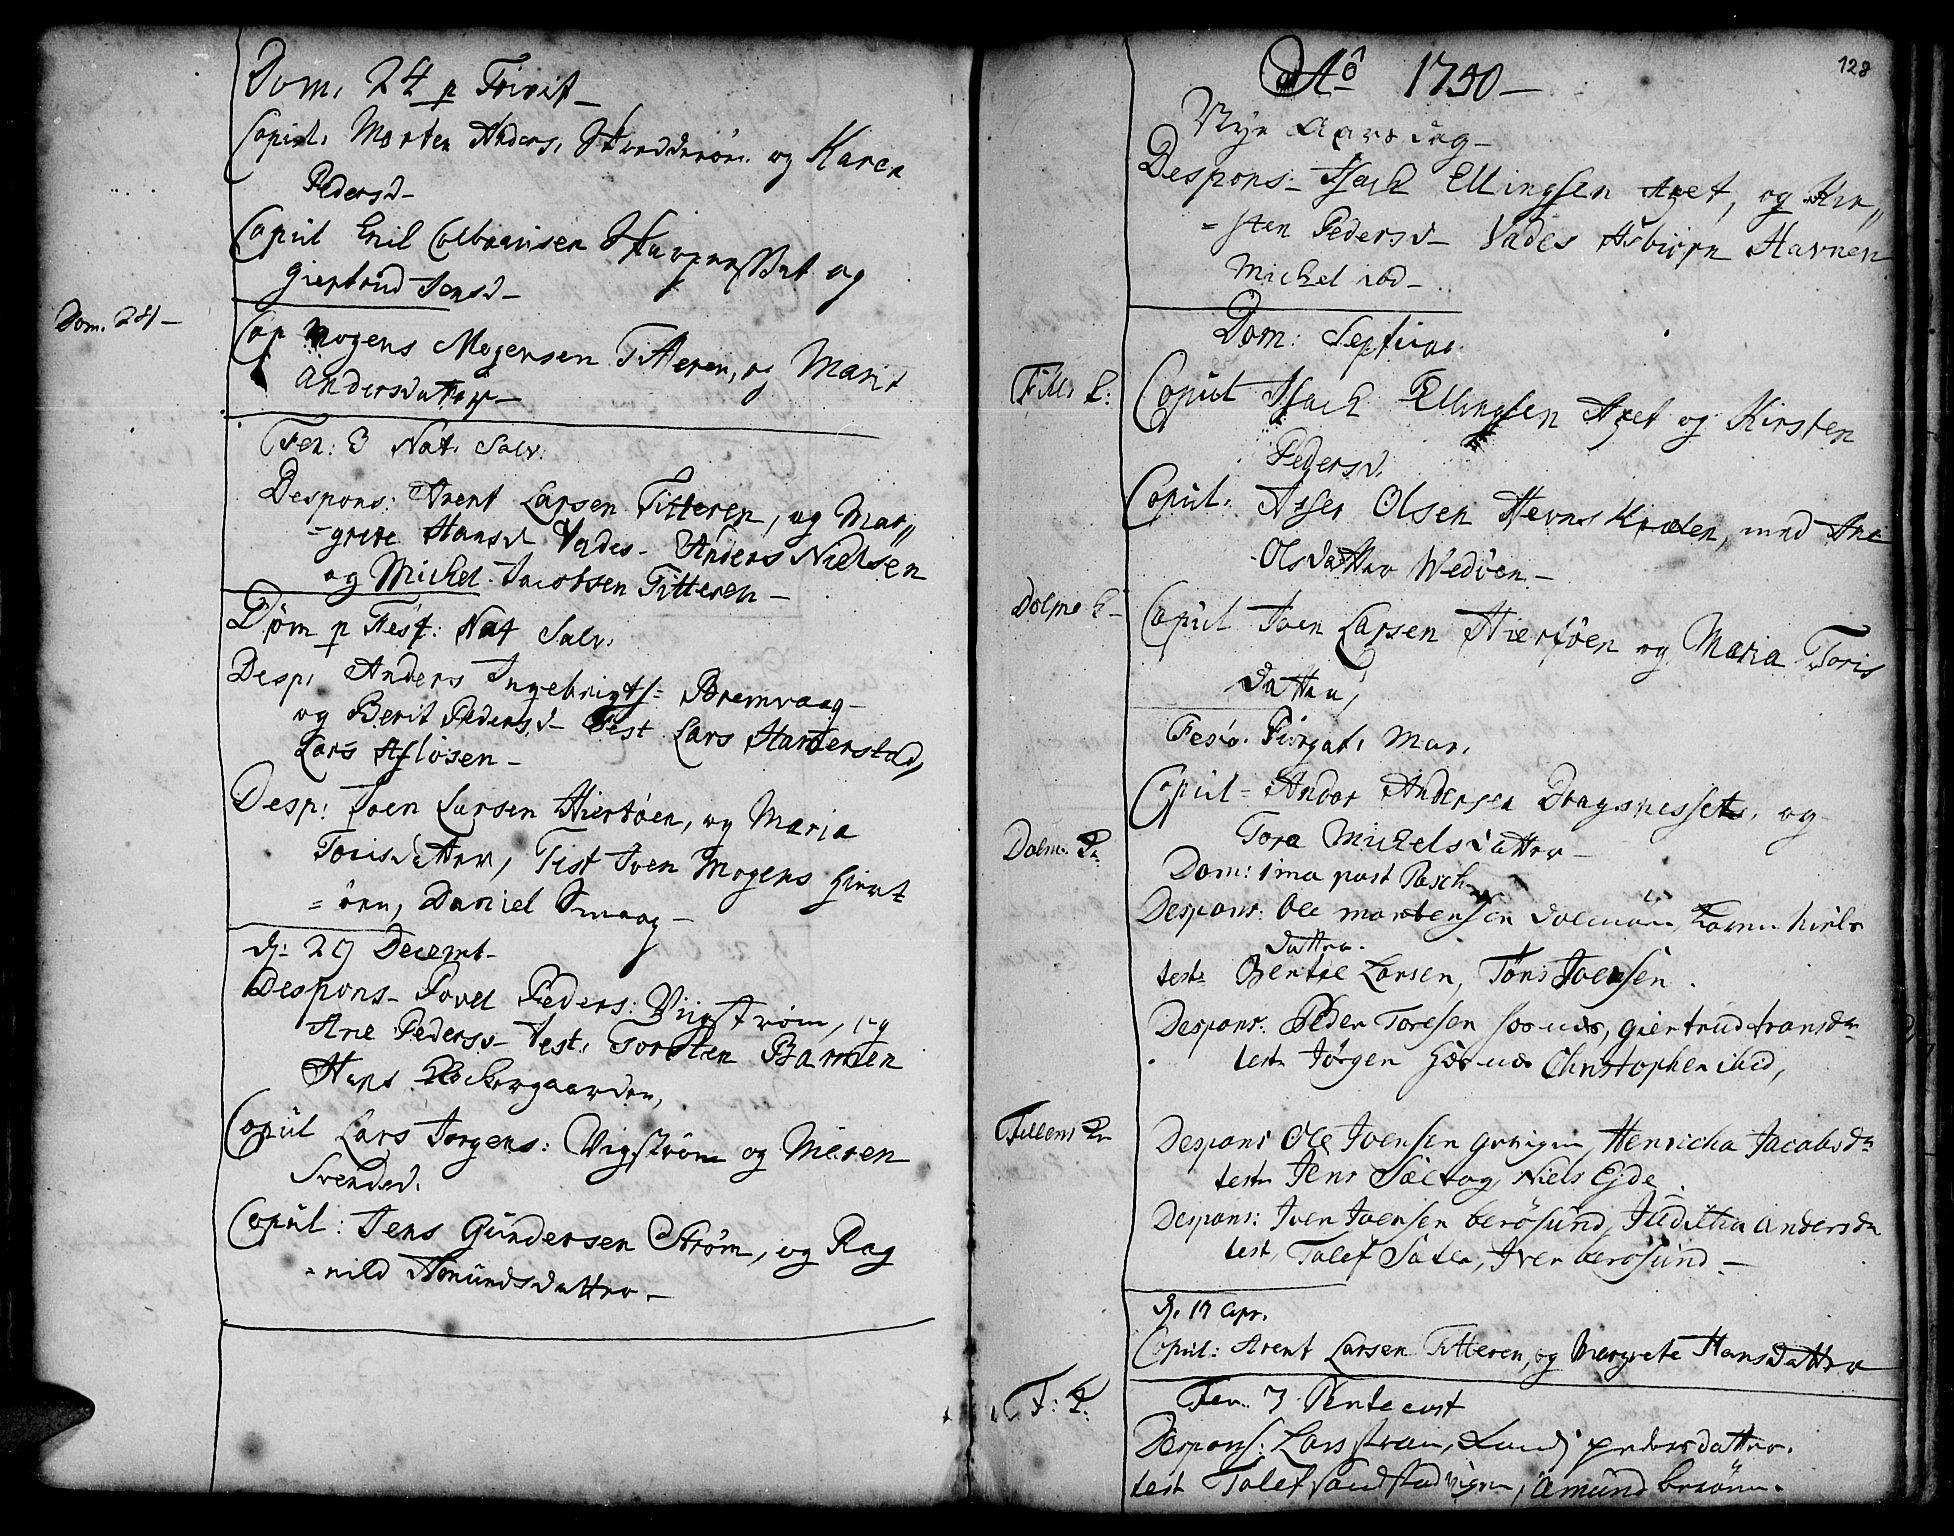 SAT, Ministerialprotokoller, klokkerbøker og fødselsregistre - Sør-Trøndelag, 634/L0525: Ministerialbok nr. 634A01, 1736-1775, s. 128